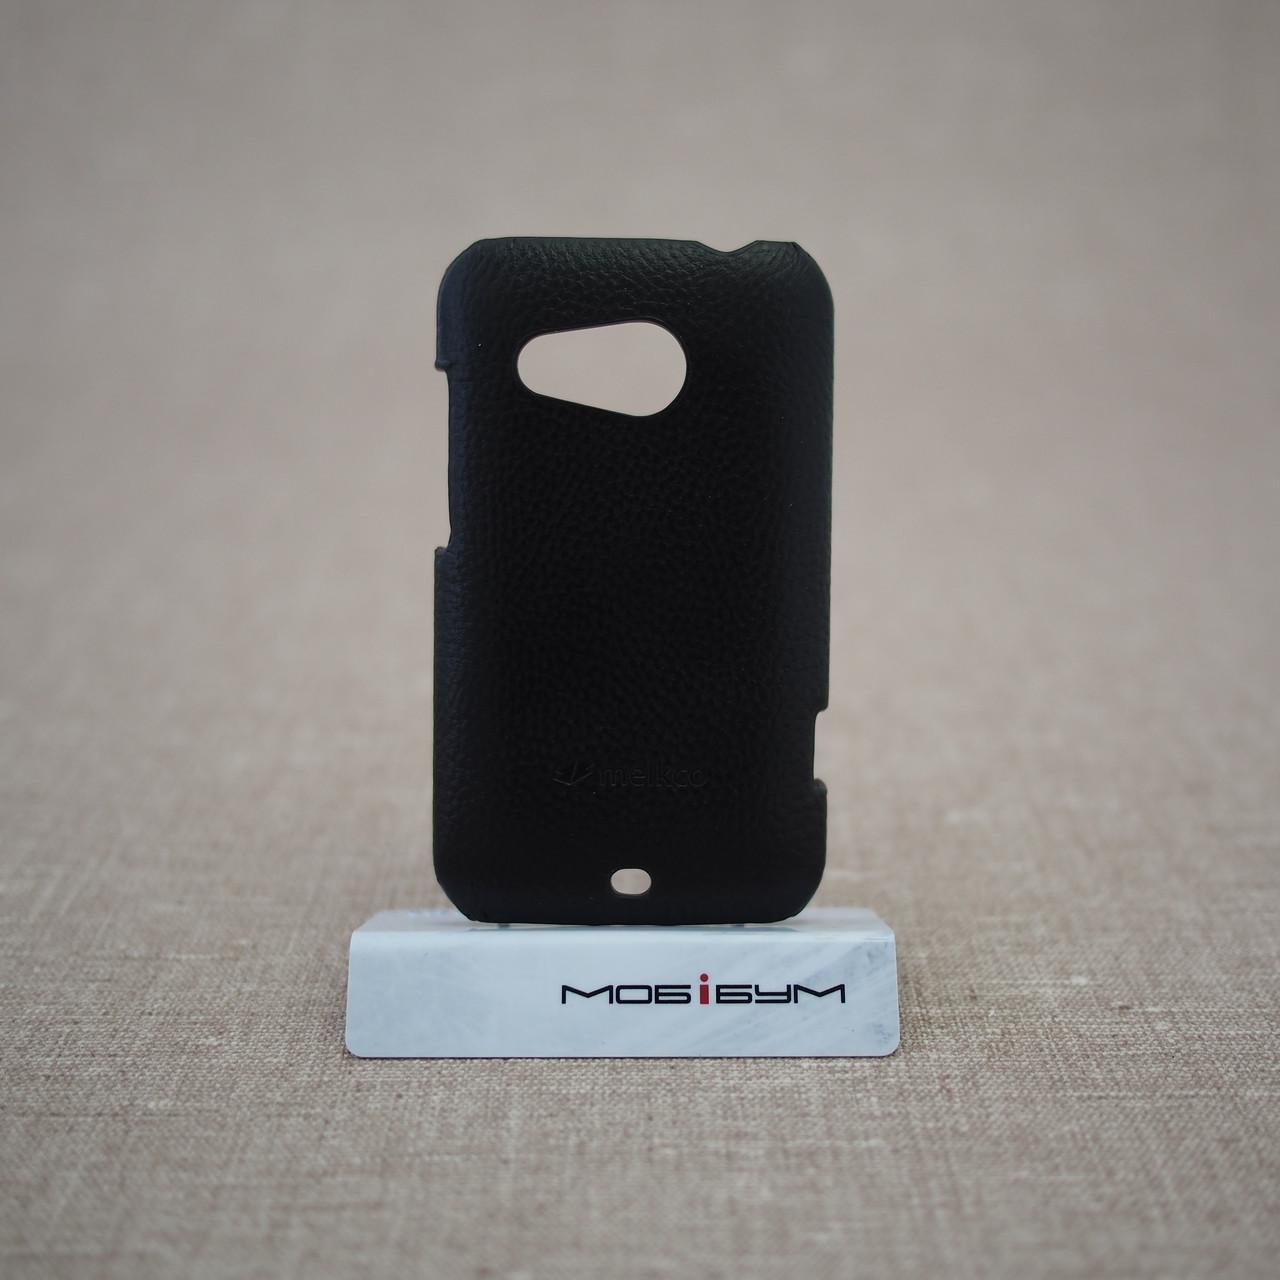 Чехол Melkco Snap Cover HTC Desire 200 black (O2DE20LOLT1BKLC) EAN/UPC: 4895158639785